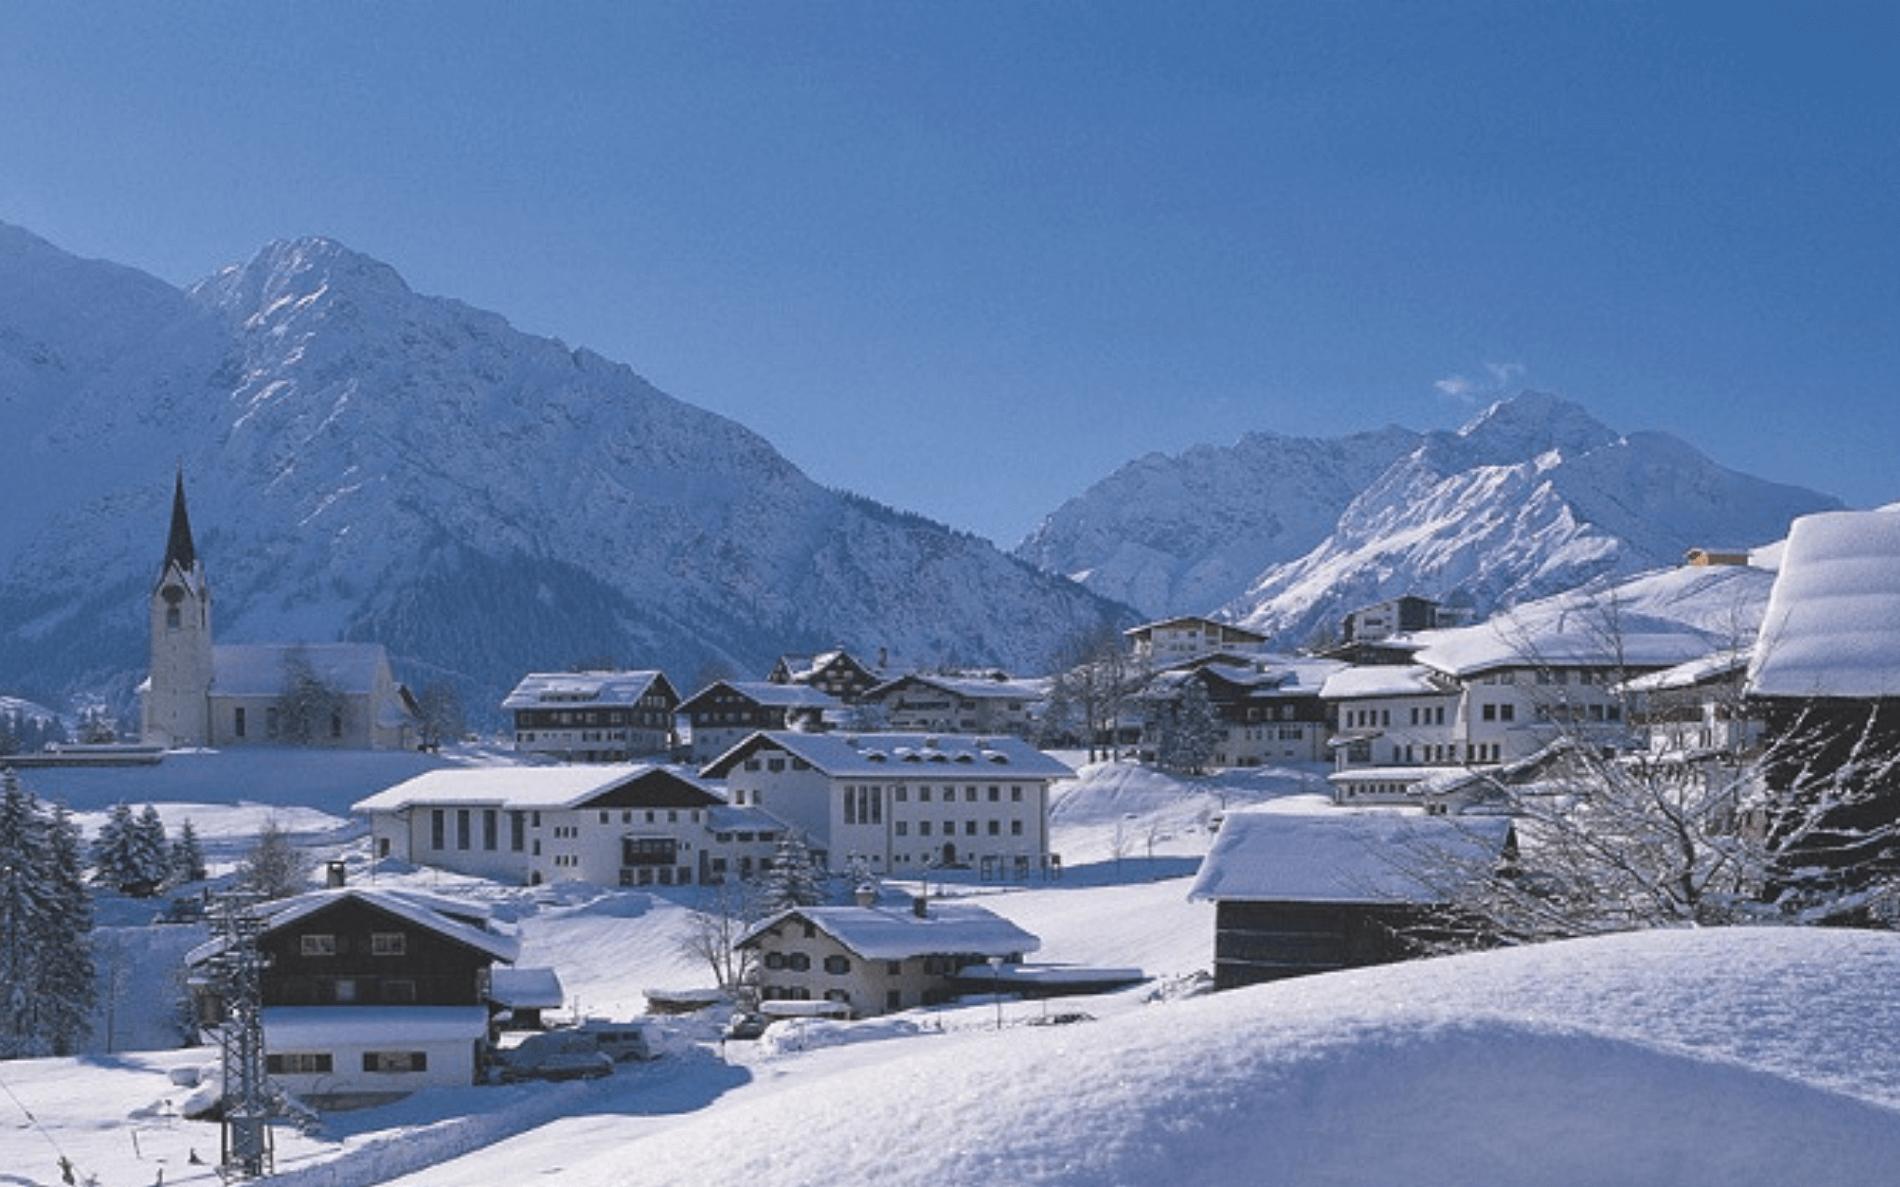 Wintervakantie Stanzach in het Lechdal - Tirol, Fitál Wintervakanties altijd met begeleiding.